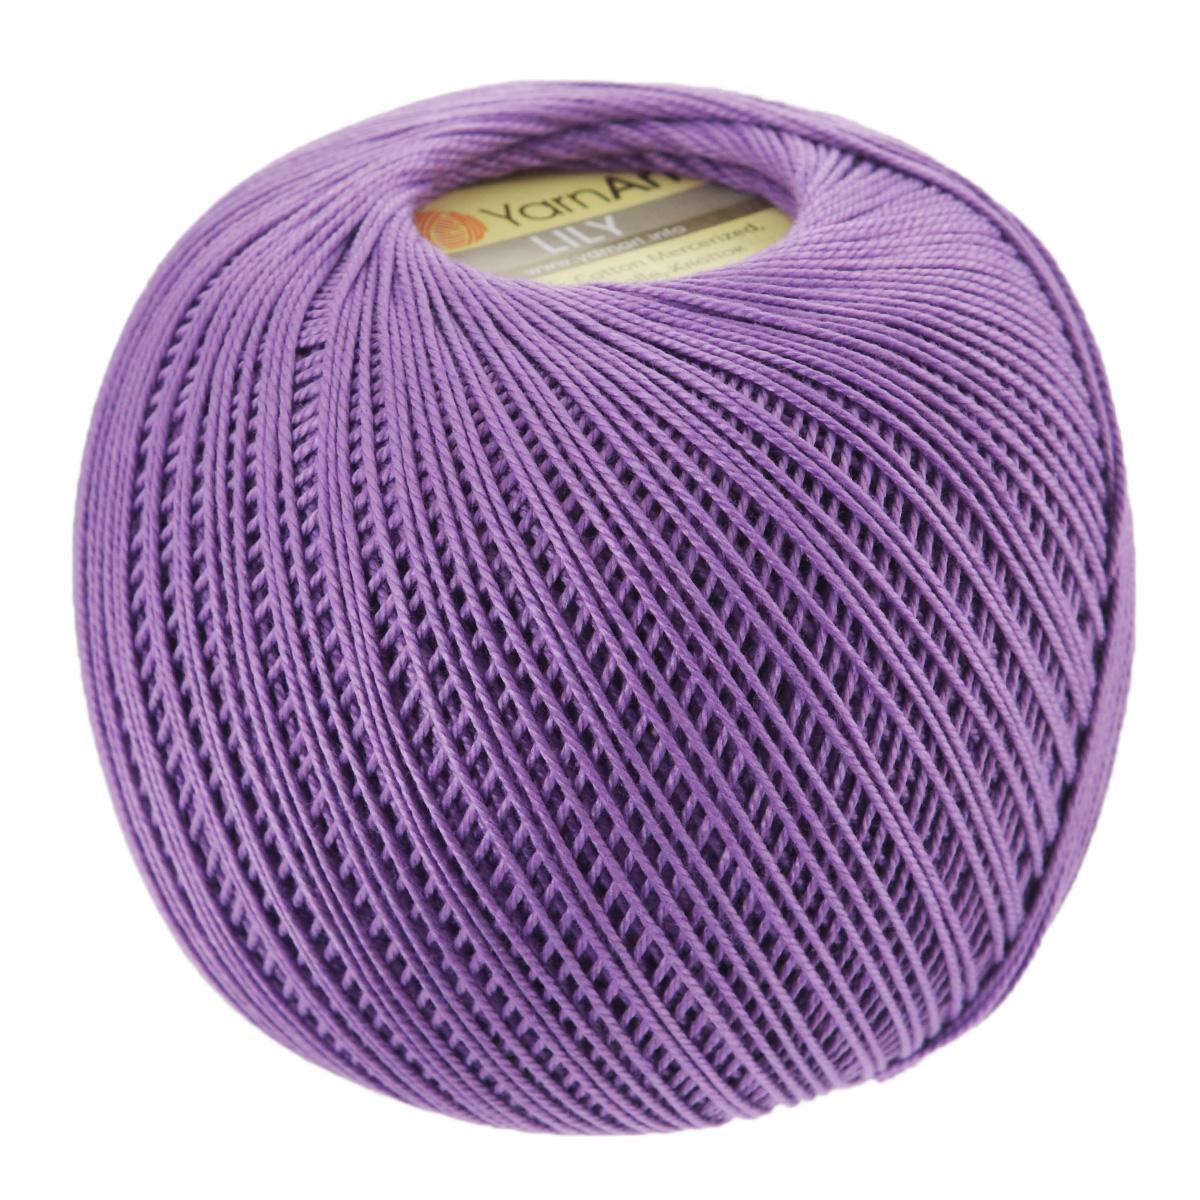 Пряжа для вязания YarnArt Lily, цвет: сиреневый (6309), 225 м, 50 г, 8 шт372073_6309Пряжа YarnArt Lily - тонкая, гладкая и упругая пряжа из 100% мерсеризованного хлопка для вязания крючком и спицами. Нить хорошо скручена и не расслаивается. Это классическая пряжа, которая пользуется большой популярностью. Отлично подходит для вязания ажурных изделий. Замечательный вариант для вязания в технике ирландского кружева. Рекомендуется для вязания крючком 1,75-2 мм и на спицах 2,5 мм. Комплектация: 8 мотков. Толщина нити: 1 мм. Состав: 100% мерсеризованный хлопок.